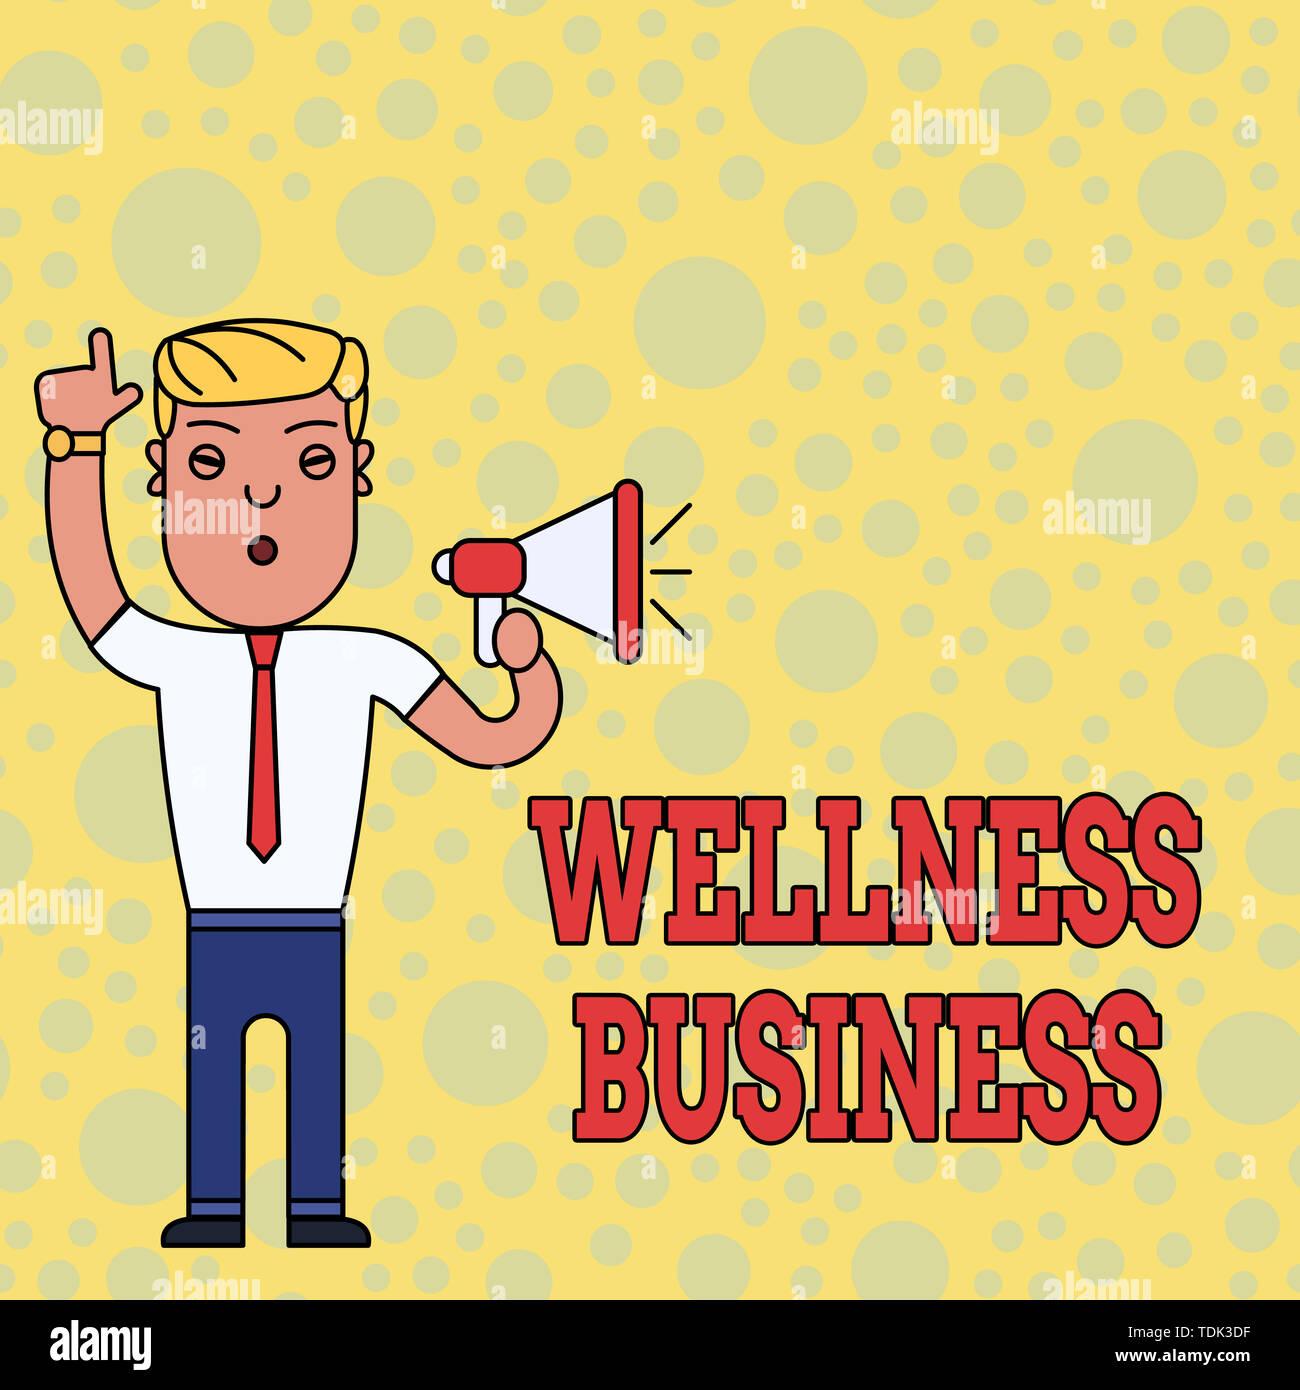 La scrittura della nota mostra Wellness Business. Il concetto di business per Professional venture concentrando la salute di mente e corpo uomo in piedi con la destra sollevata Immagini Stock